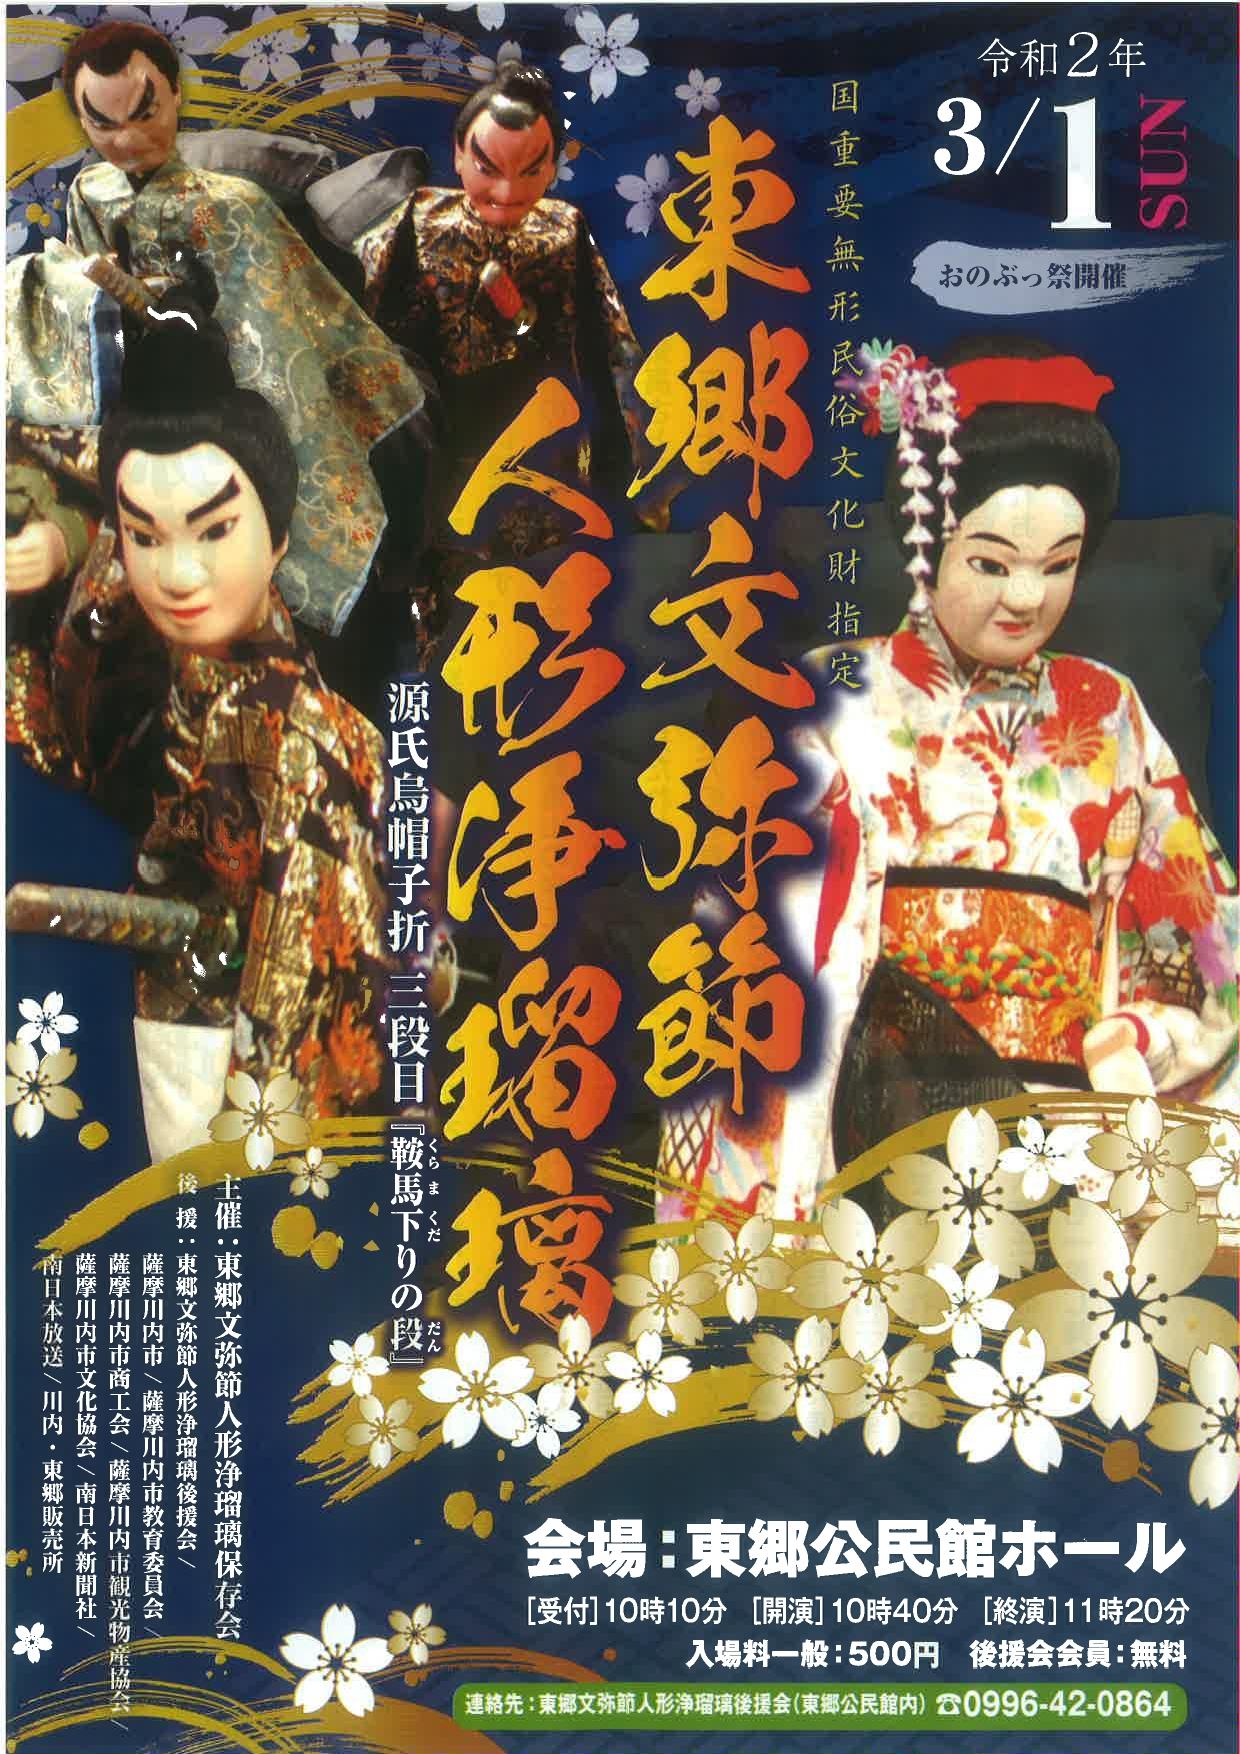 【開催中止】東郷文弥節人形浄瑠璃